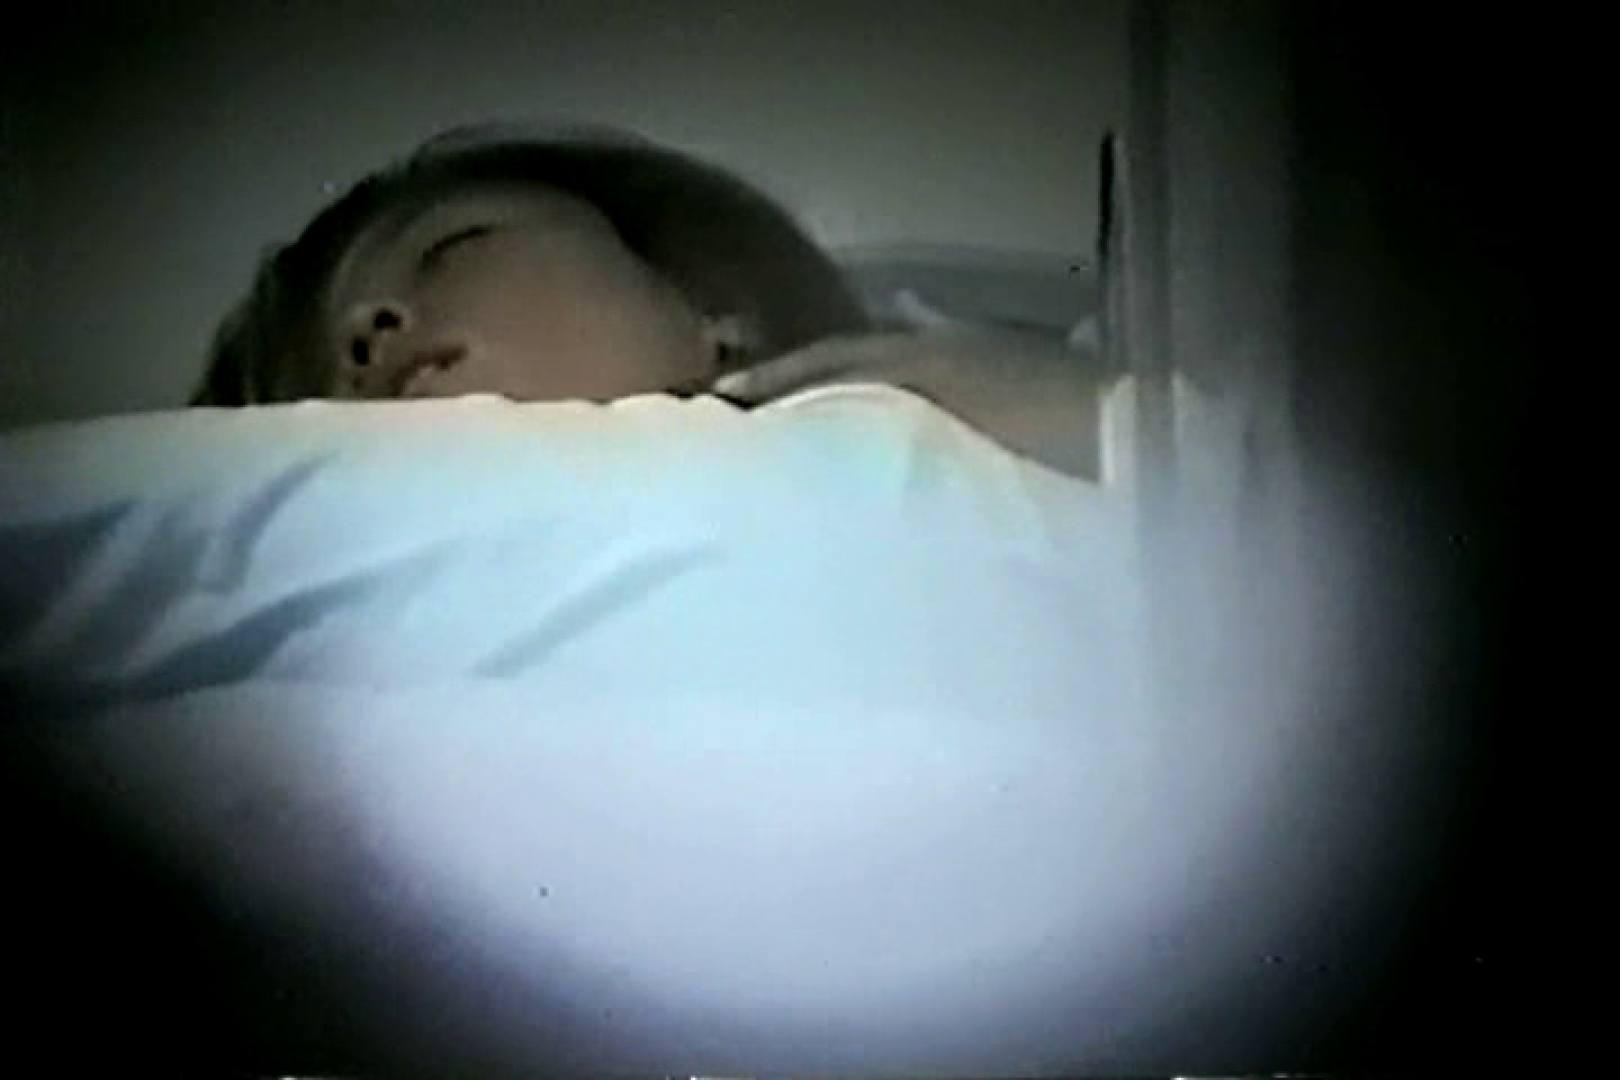 深夜の撮影会Vol.6 オナニーDEエッチ セックス画像 109PIX 83